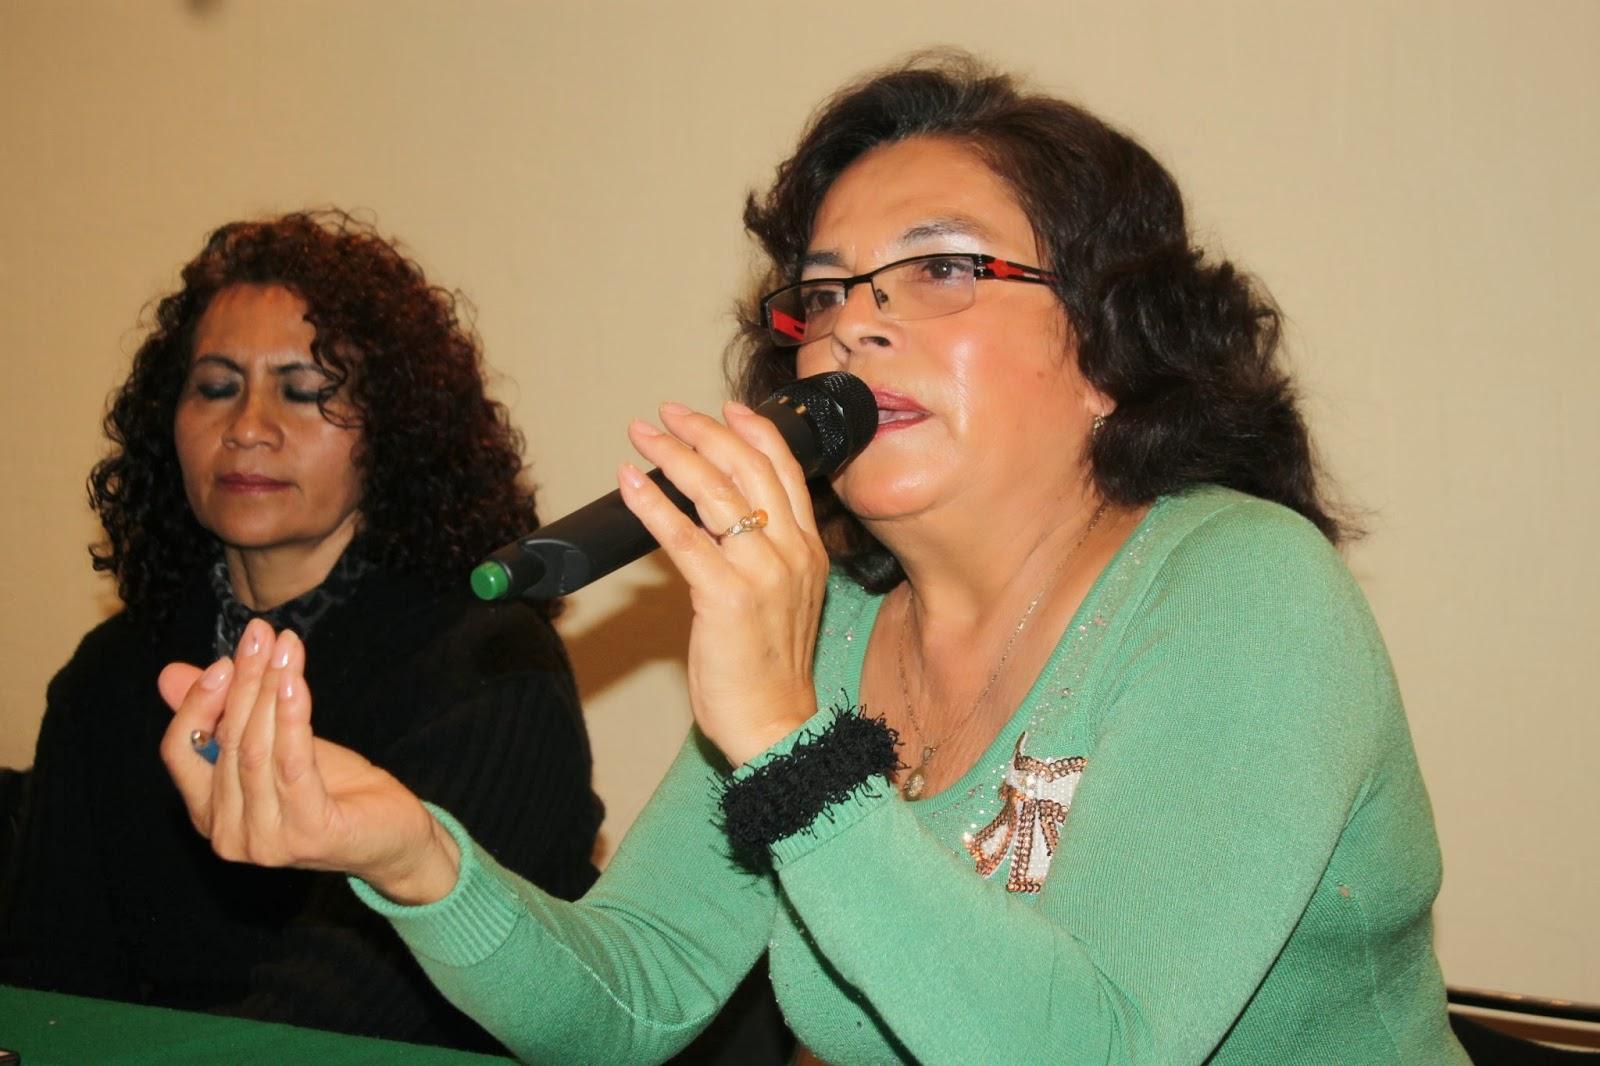 María García Grimaldo, dirigente de la Asociación Civil Comerciantes Unidos La Esperanza, dio a conocer que la Jefa Delegacional en Tlalpan la extorsionó Foto: Difunet